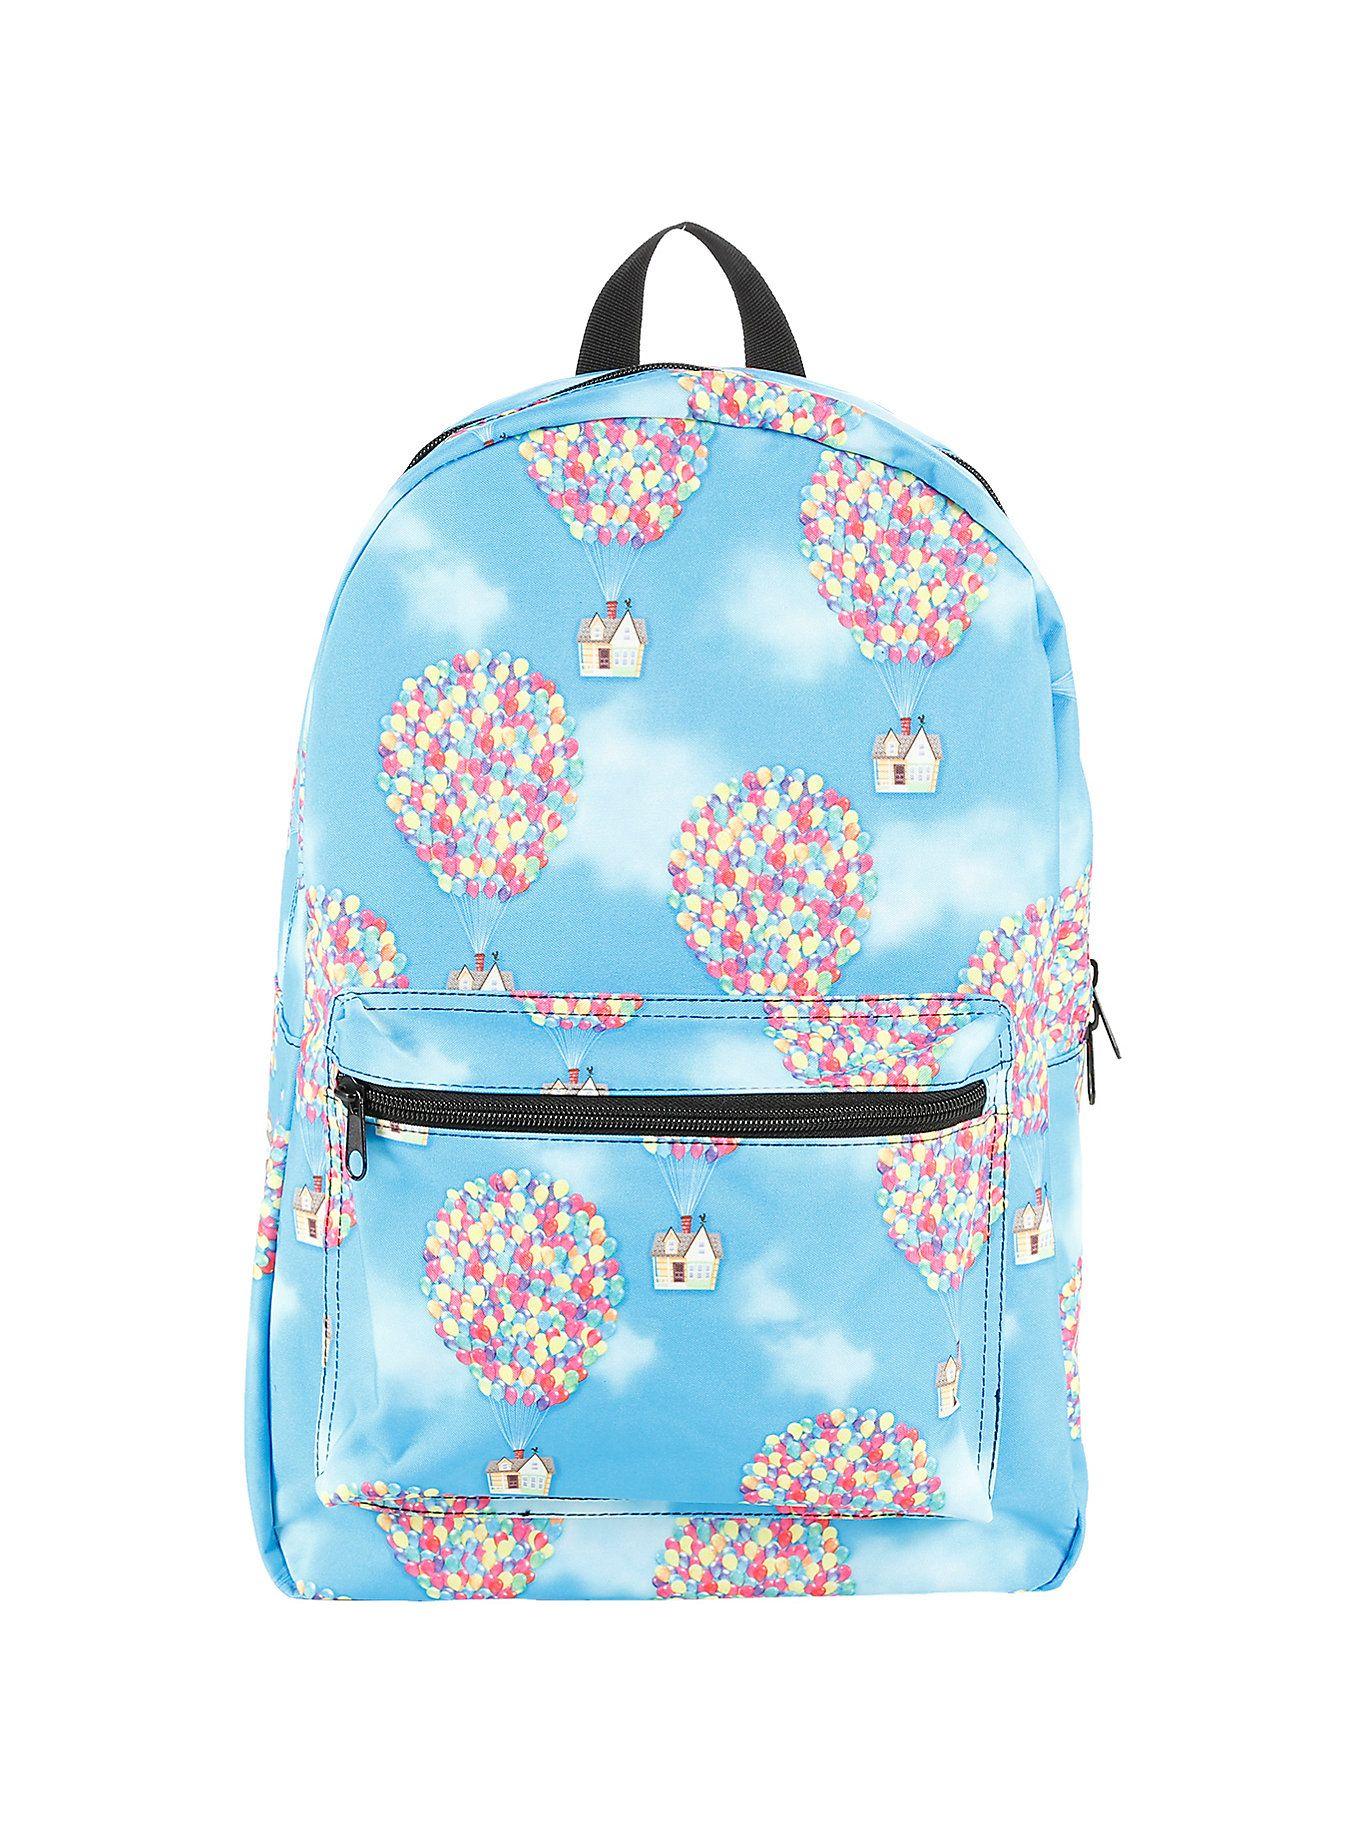 49d4eee2c 11 Disney Backpacks To Up Your Accessories Game   Disney, Pixar ...